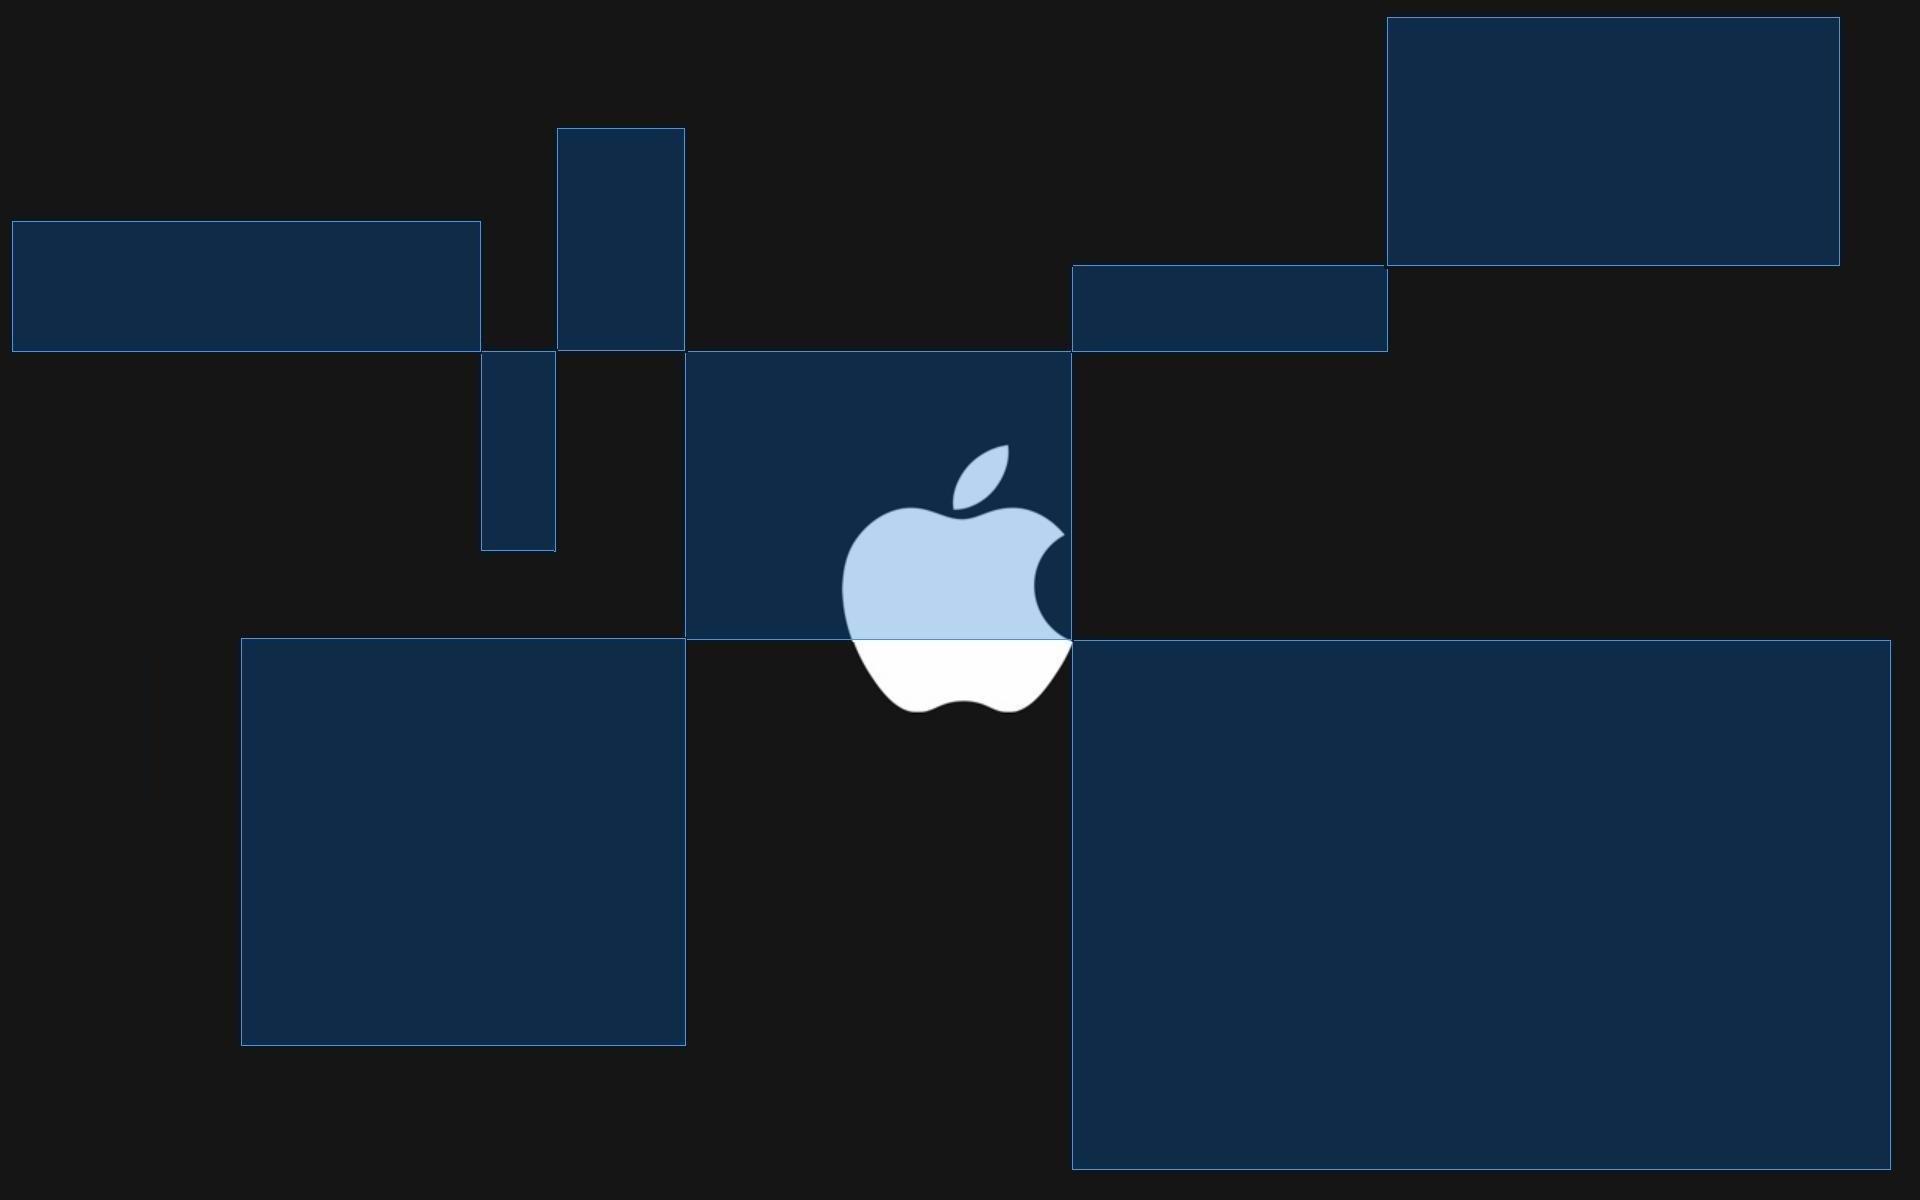 hình ảnh logo Apple là thương hiệu sản phẩm iPhone hay MacBook số 36